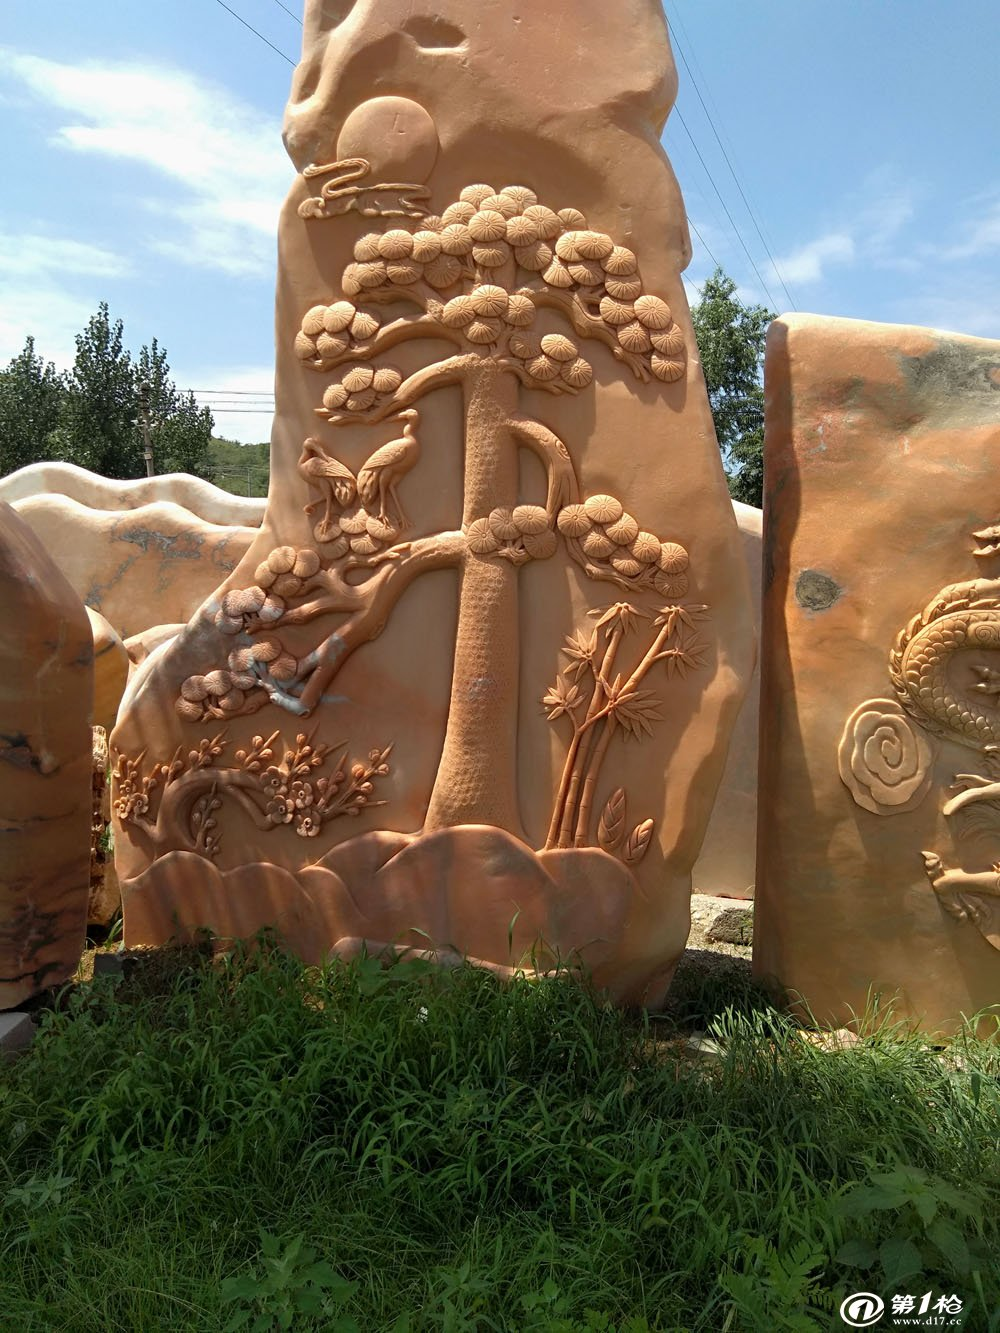 设计园林石雕之前比较有需要好的制作.木饰品设计图图片